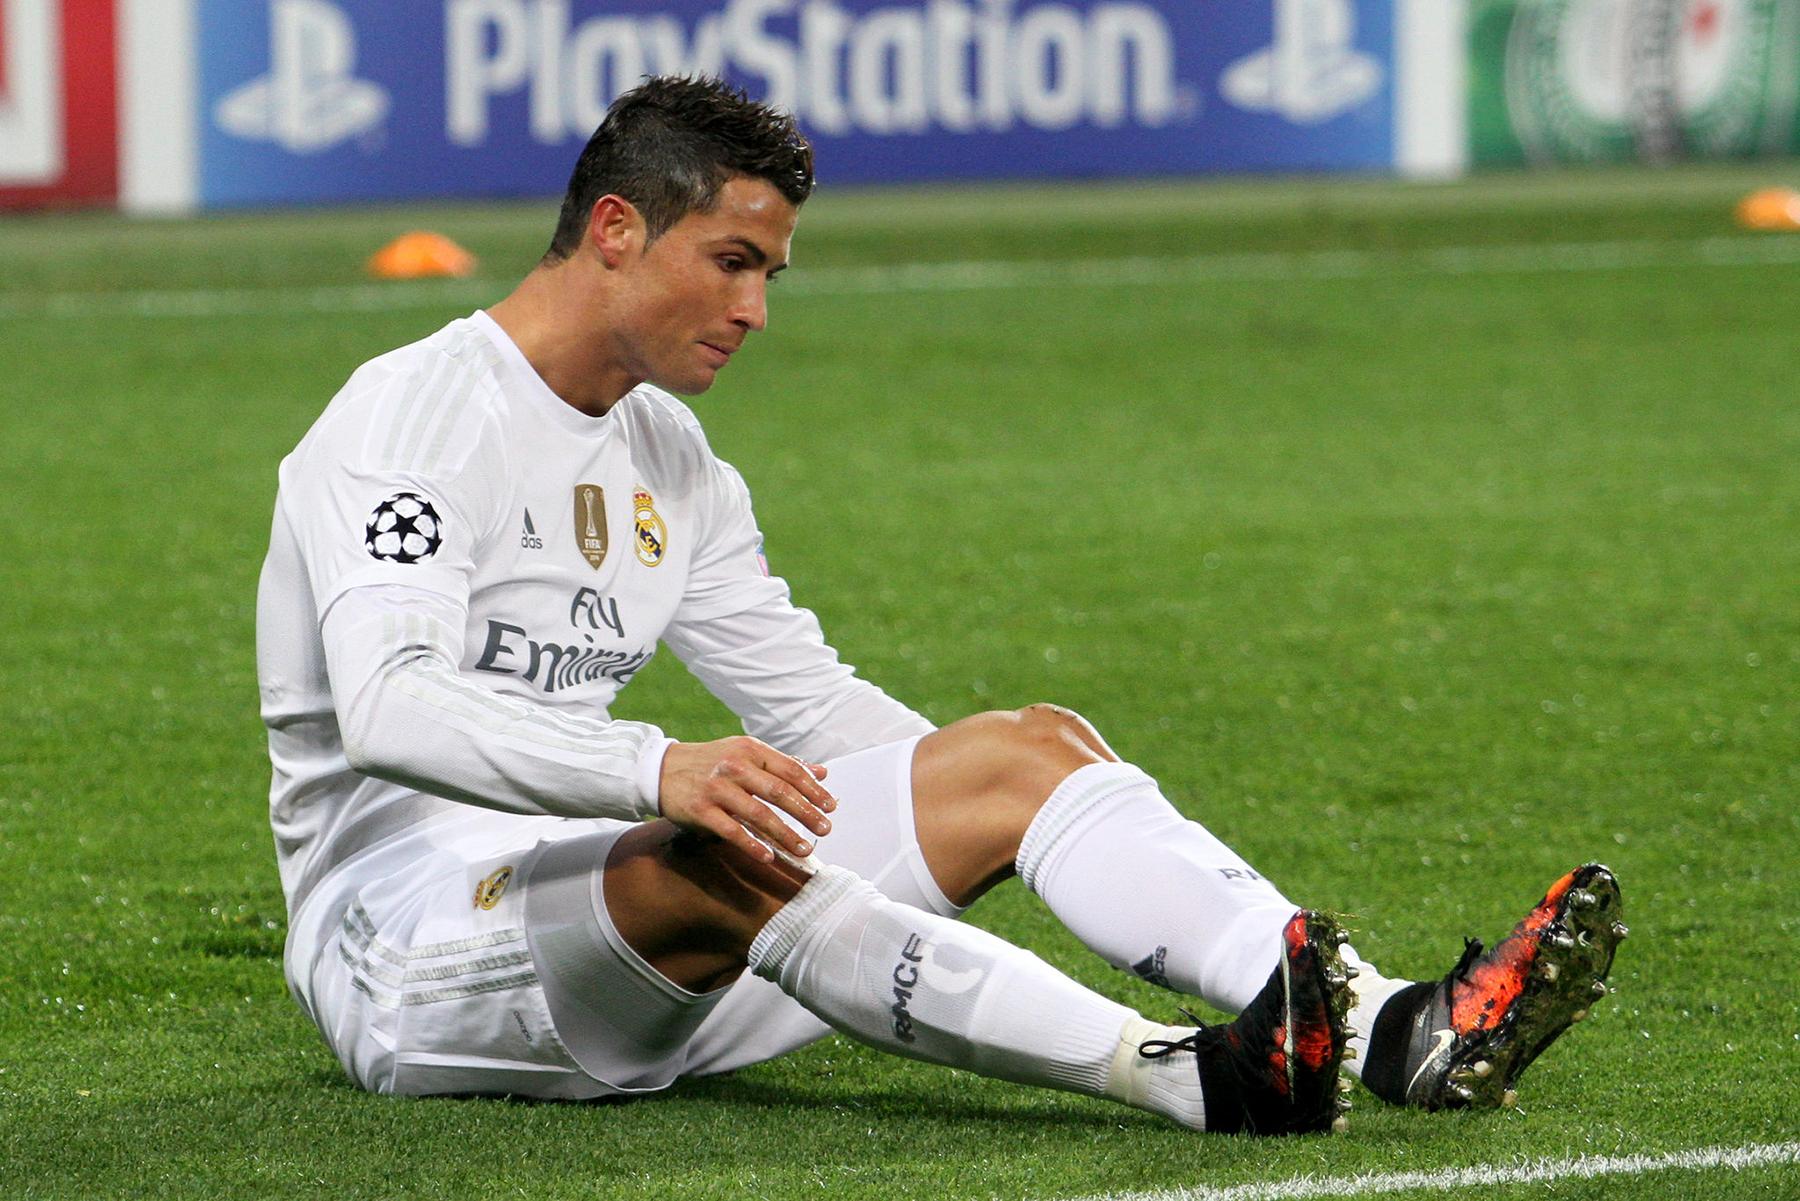 Bądź jak Cristiano Ronaldo